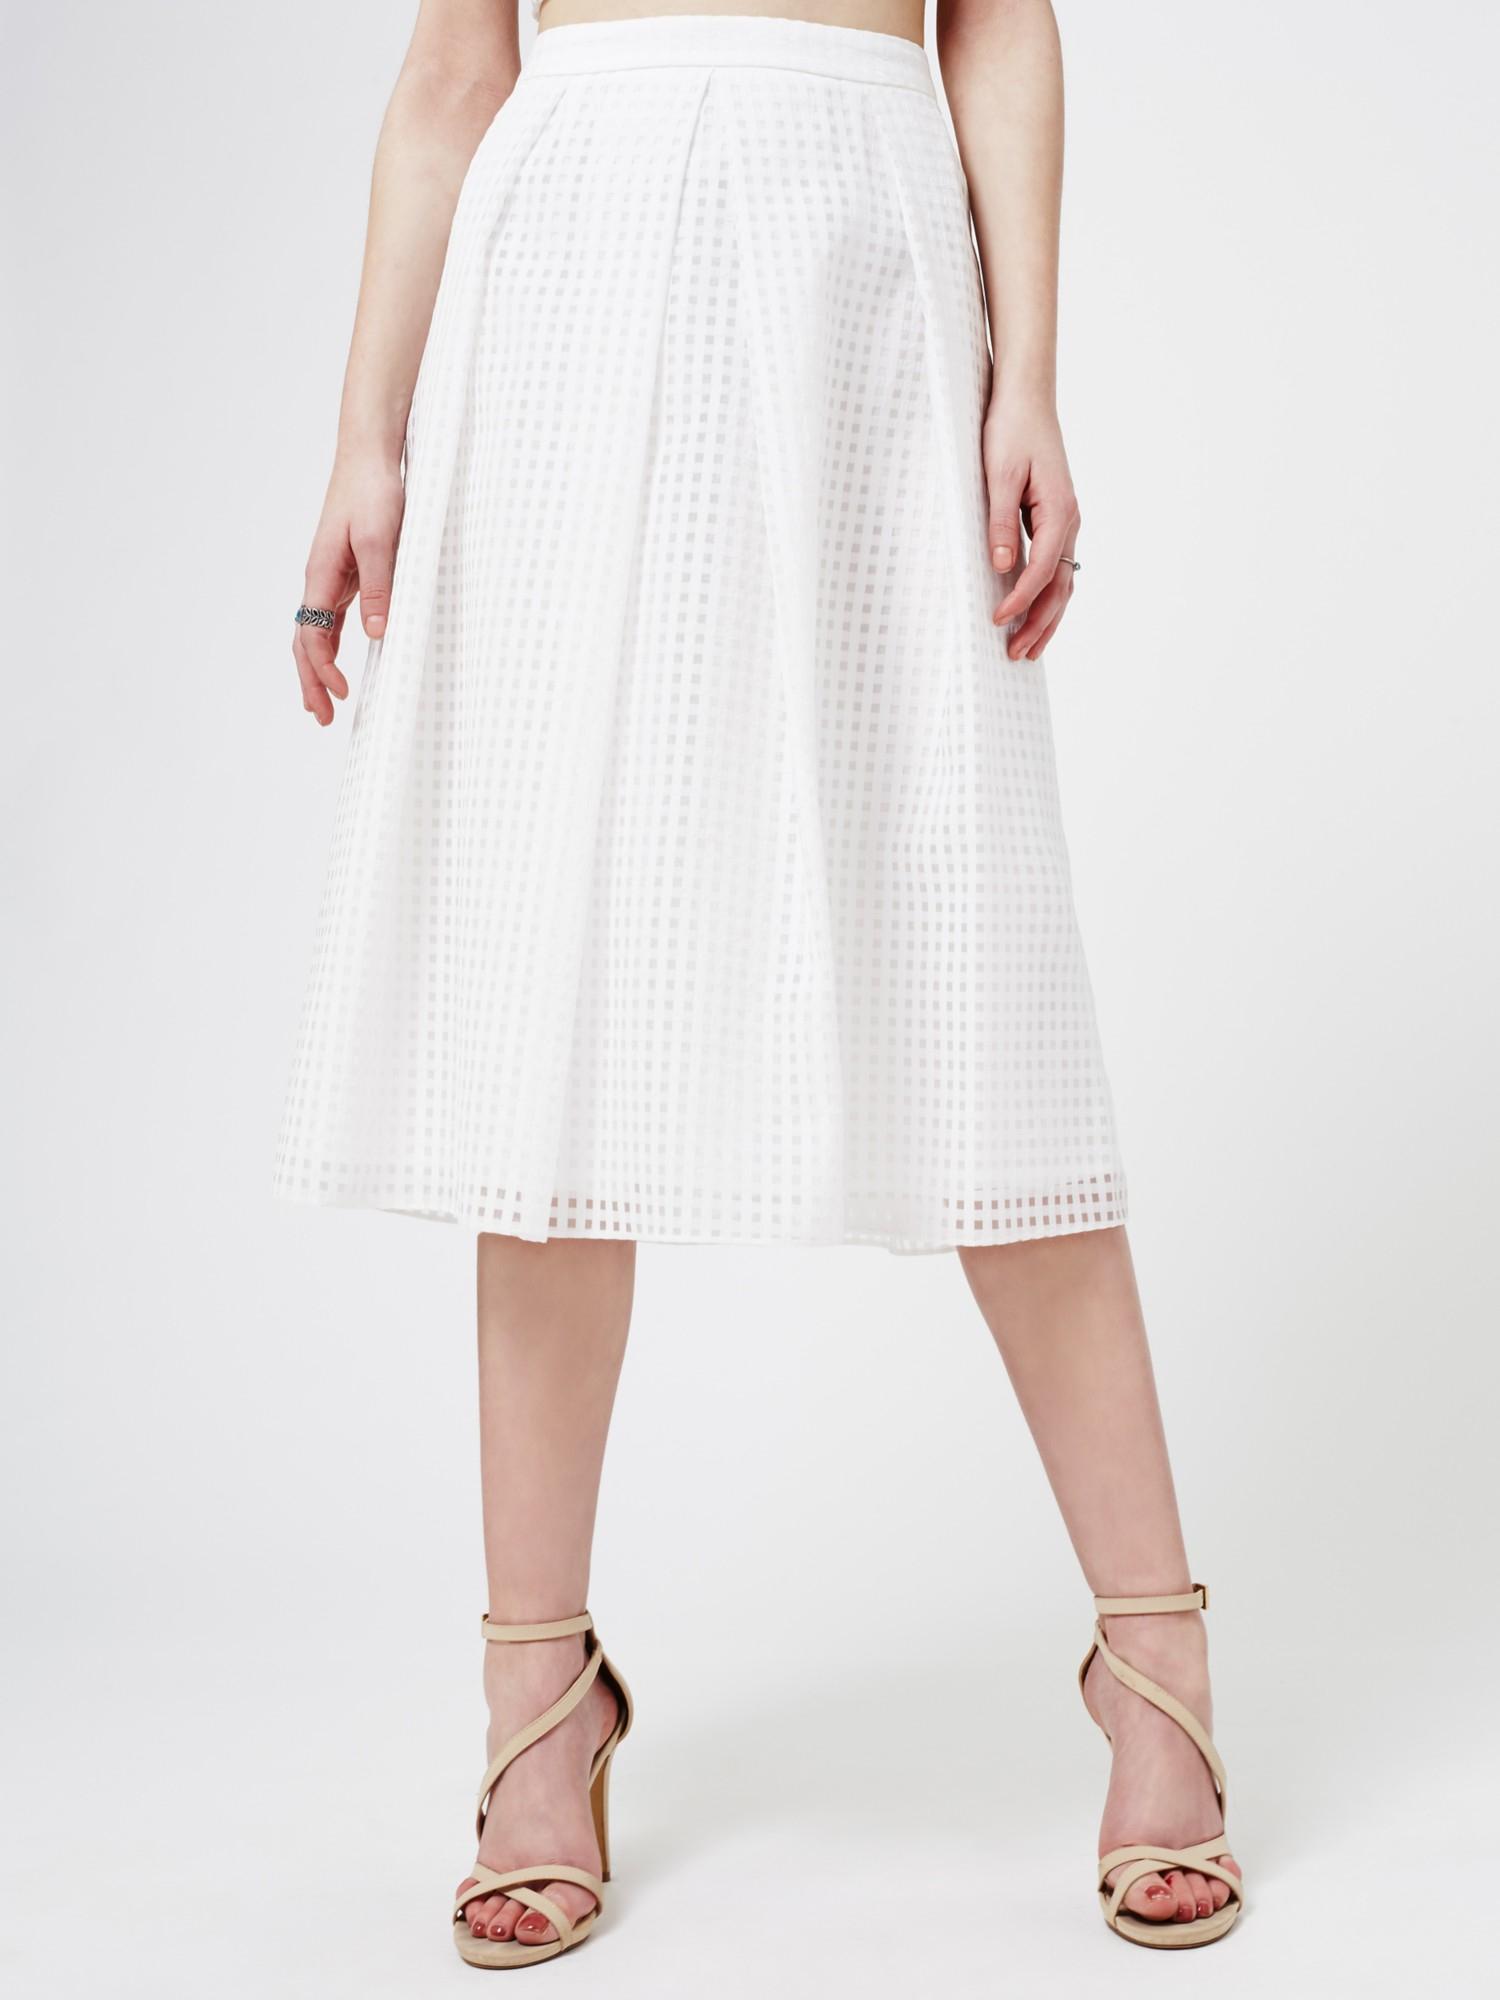 Miss Skirt 75